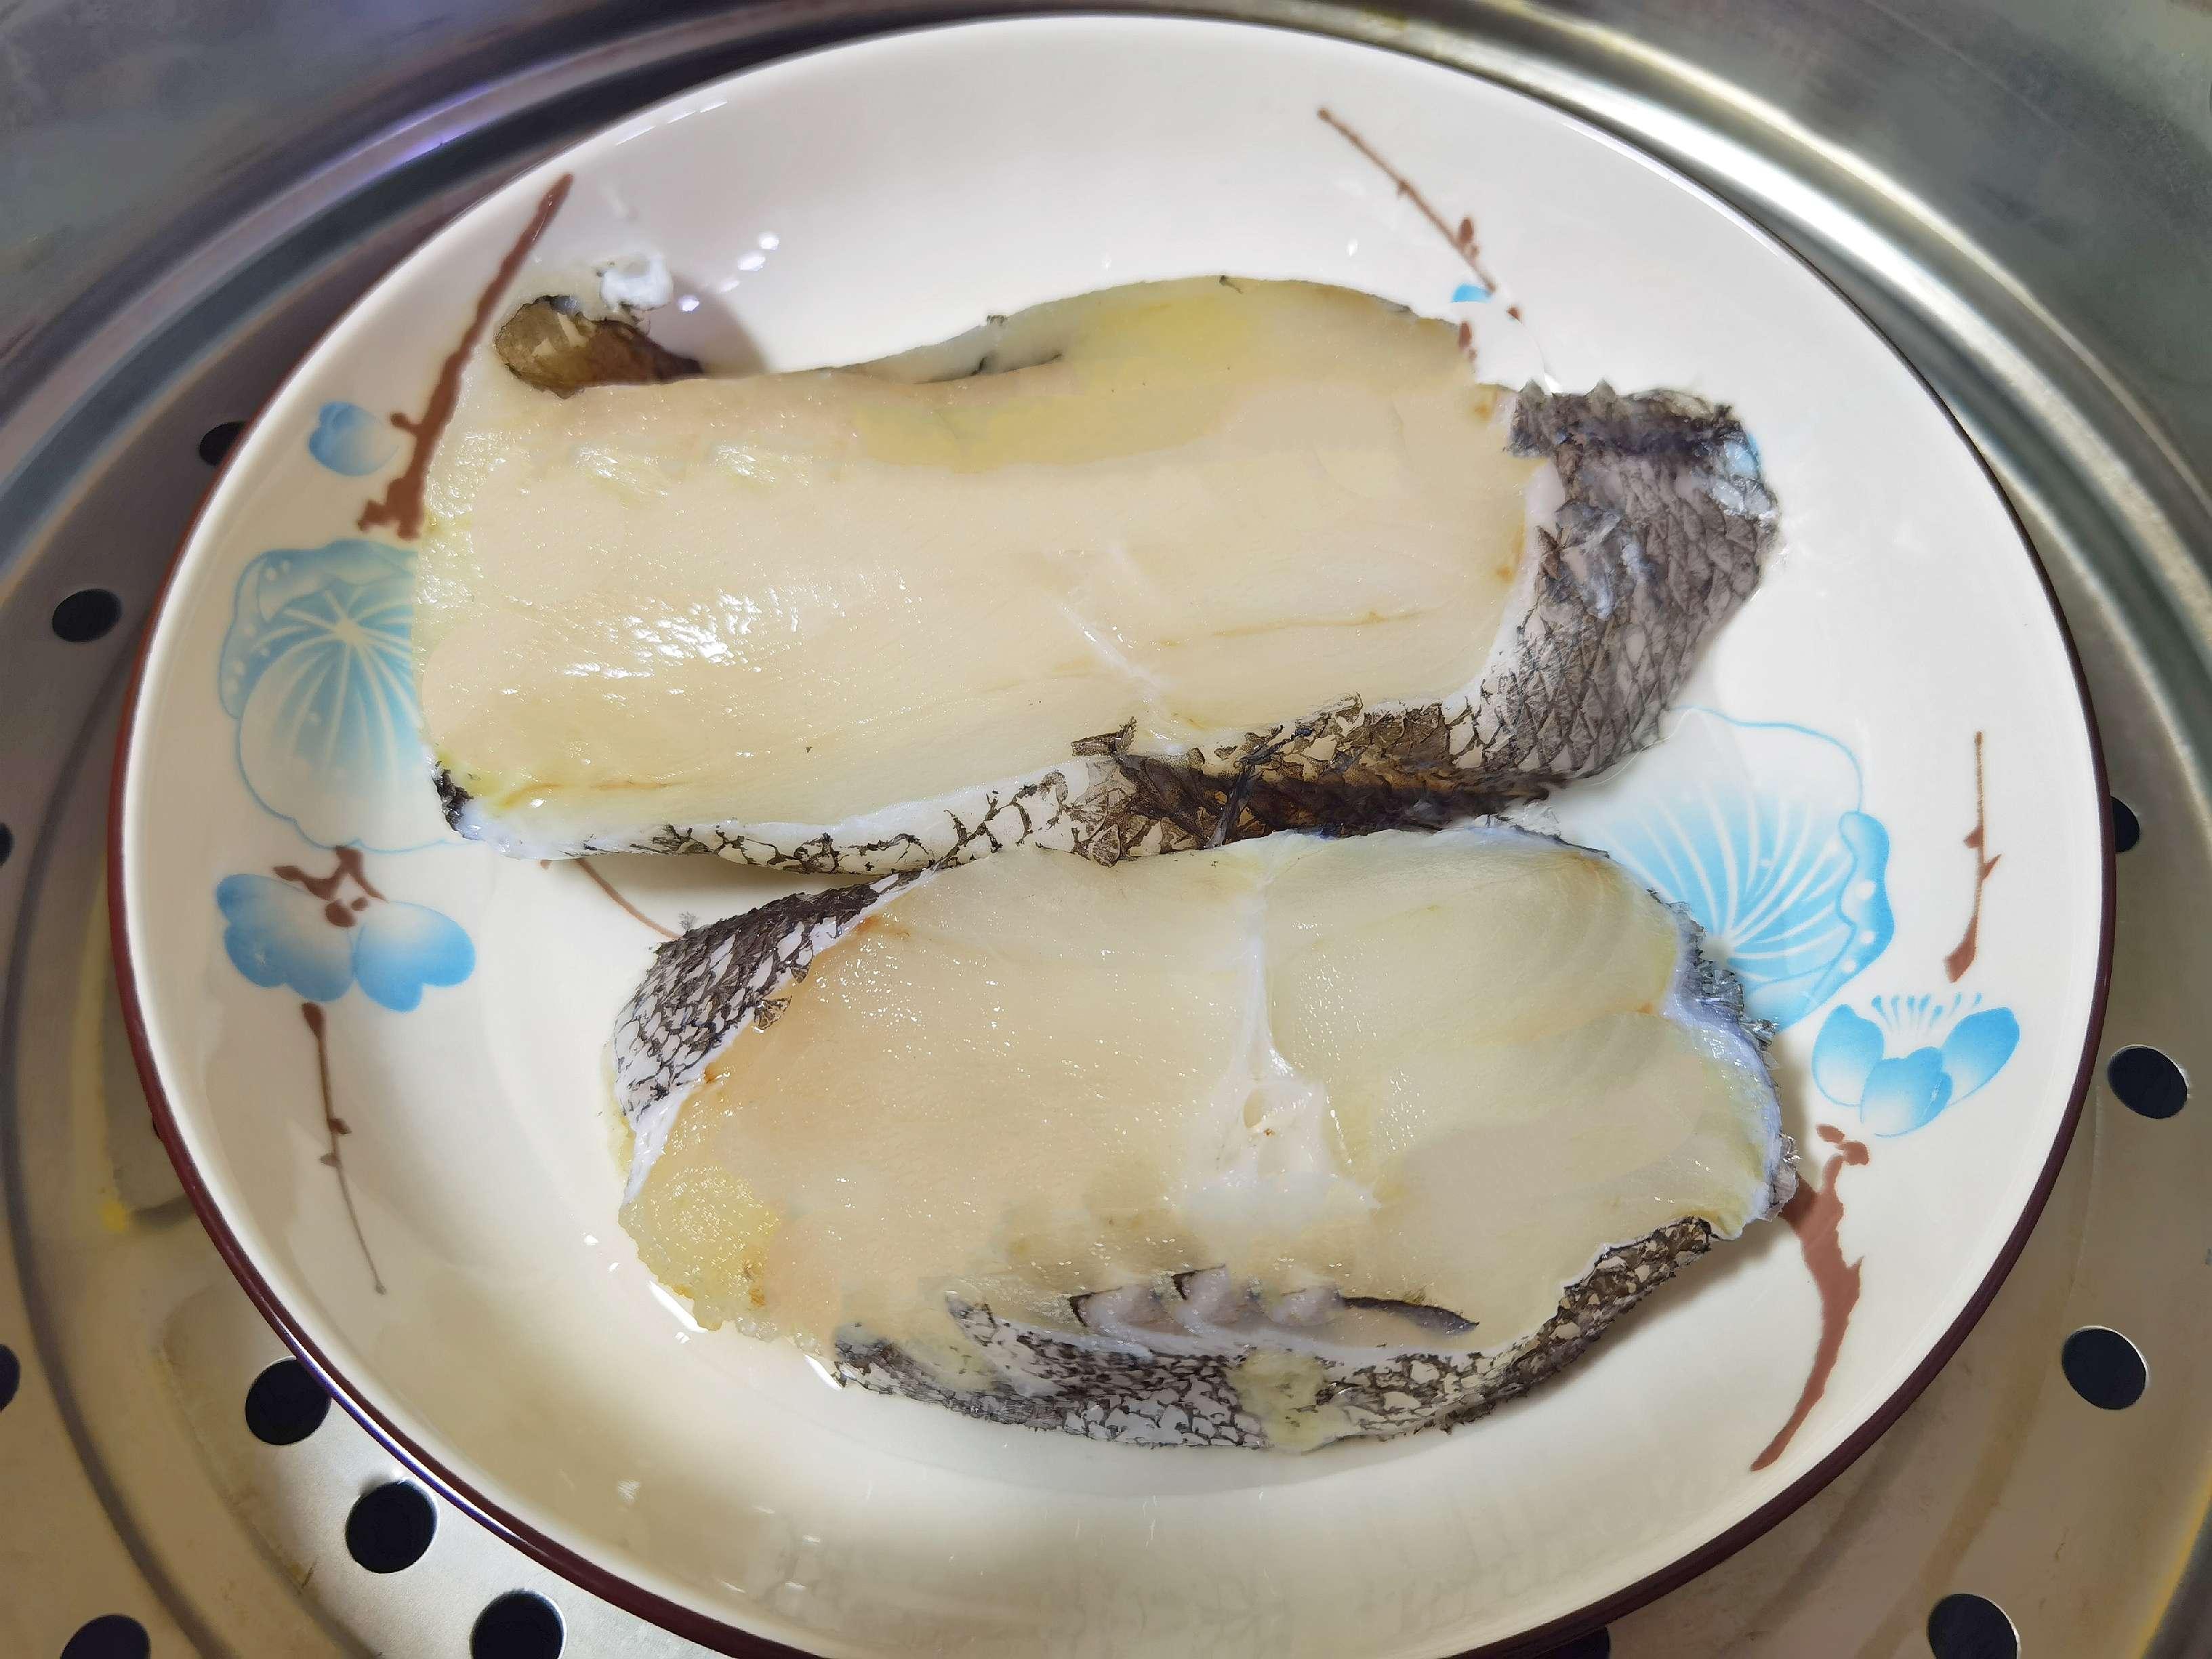 鳕鱼这样蒸,肉质嫩滑又入味,鲜美好吃的家常做法